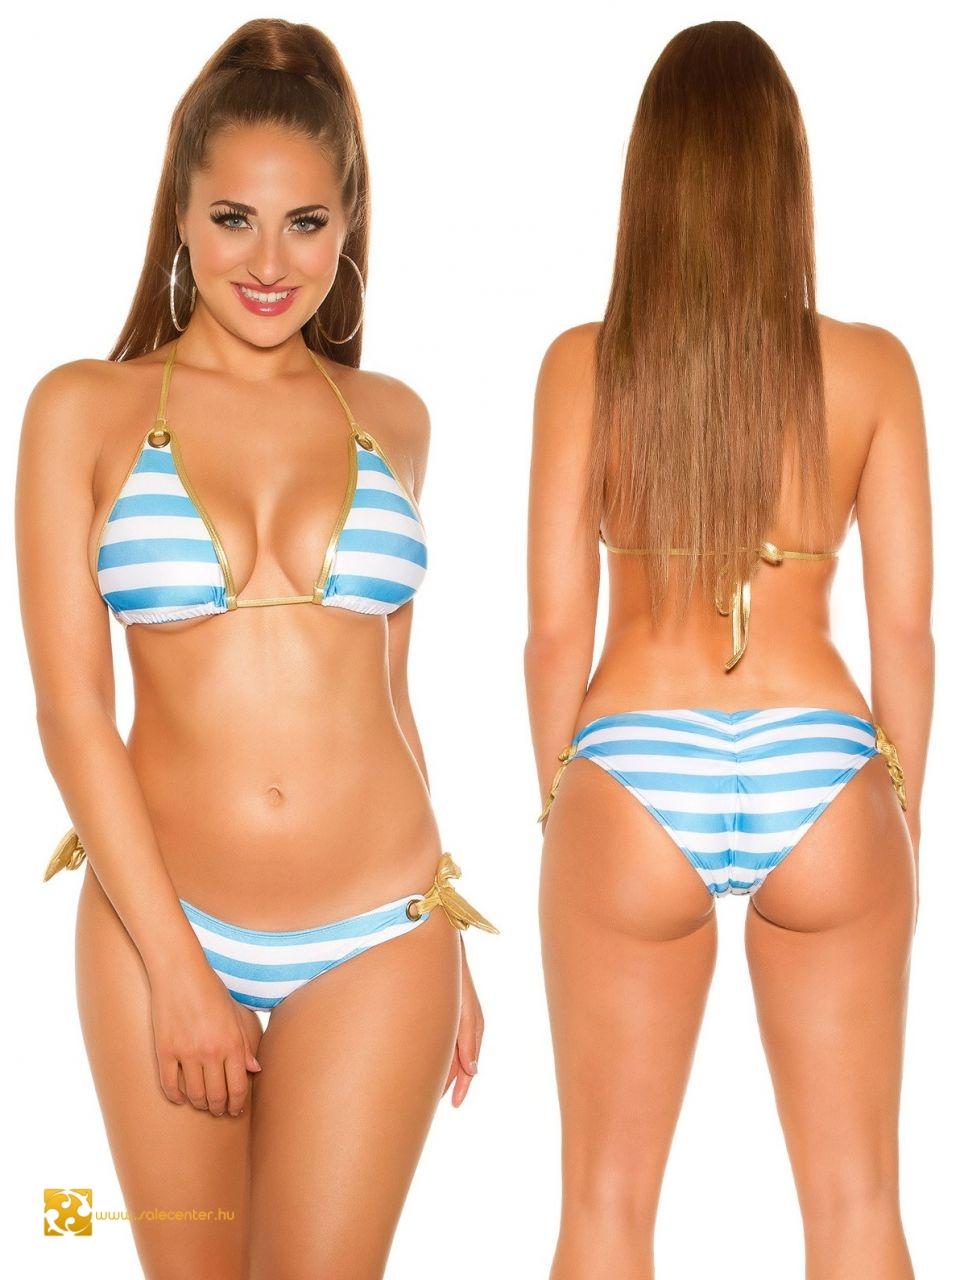 Matróz csíkos bikini arany szegéllyel 5 színben (S aa63ad4c91